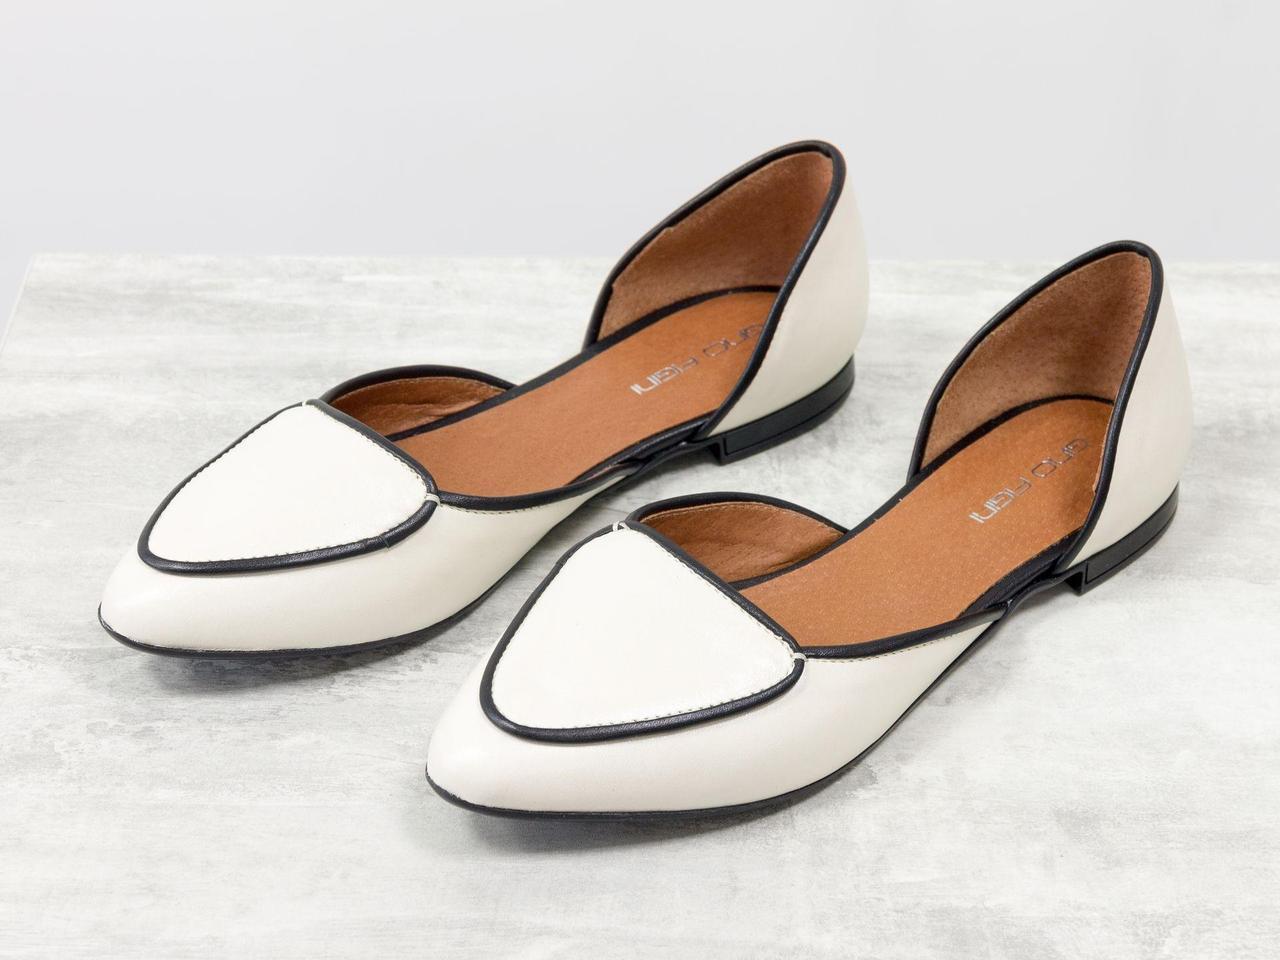 Облегченные туфли-лодочки с удлиненным носиком на низком ходу контрастного сочетания черной и молочной кожи